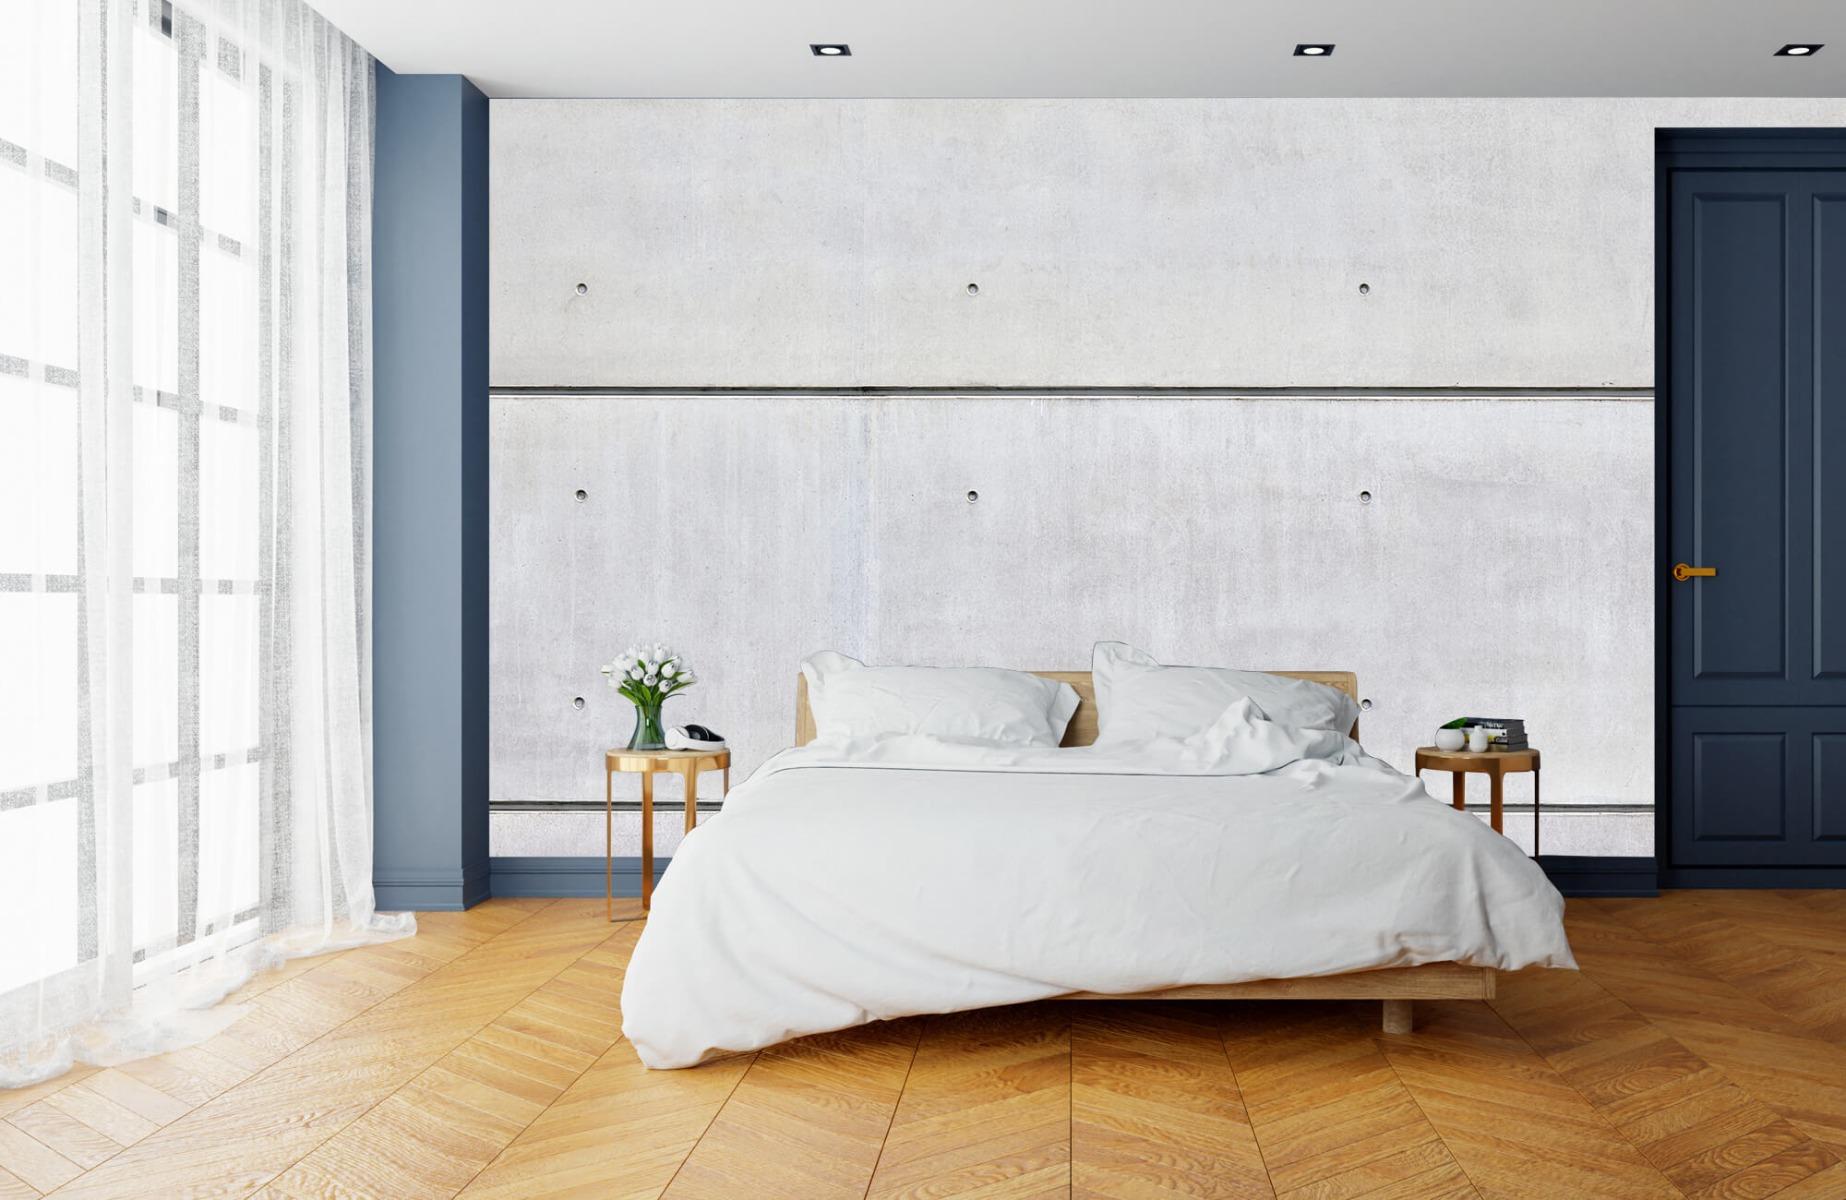 Betonlook behang - Horizontaal beton - Wallexclusive - Vergaderruimte 15